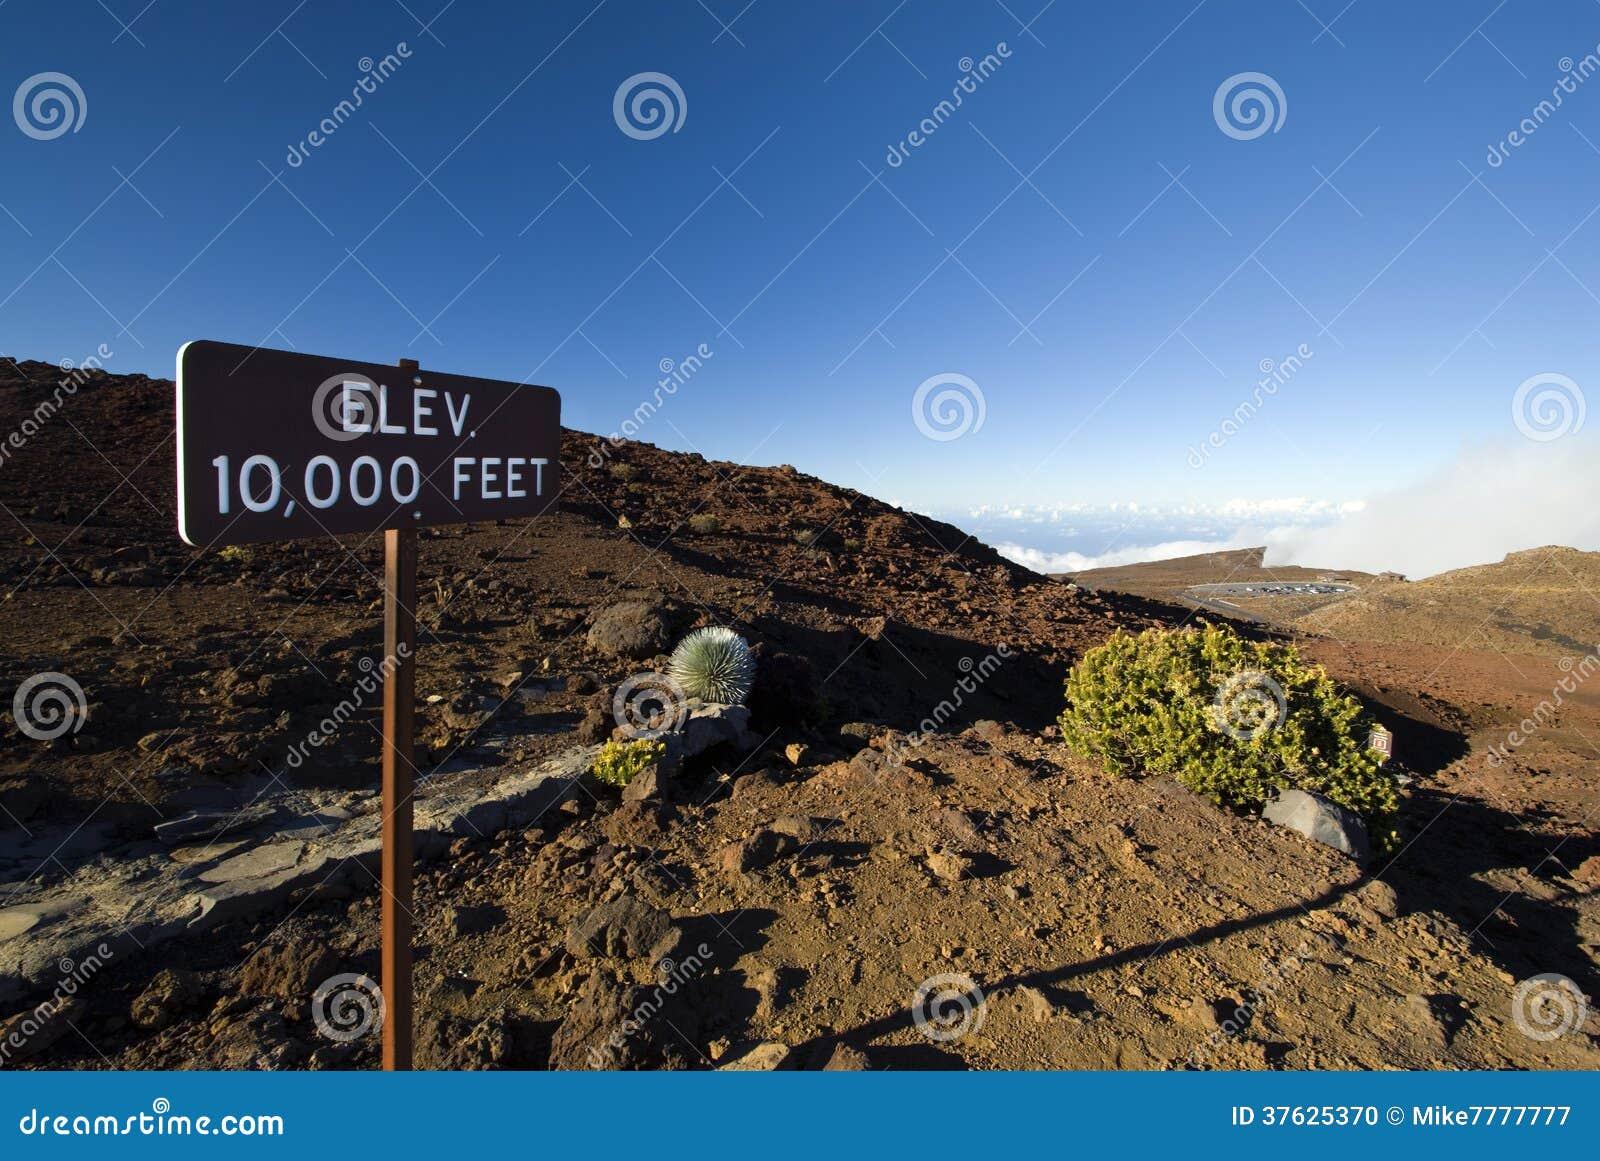 Altitude parc national de Haleakala de connexion de 10.000 pi, Maui, Hawaï